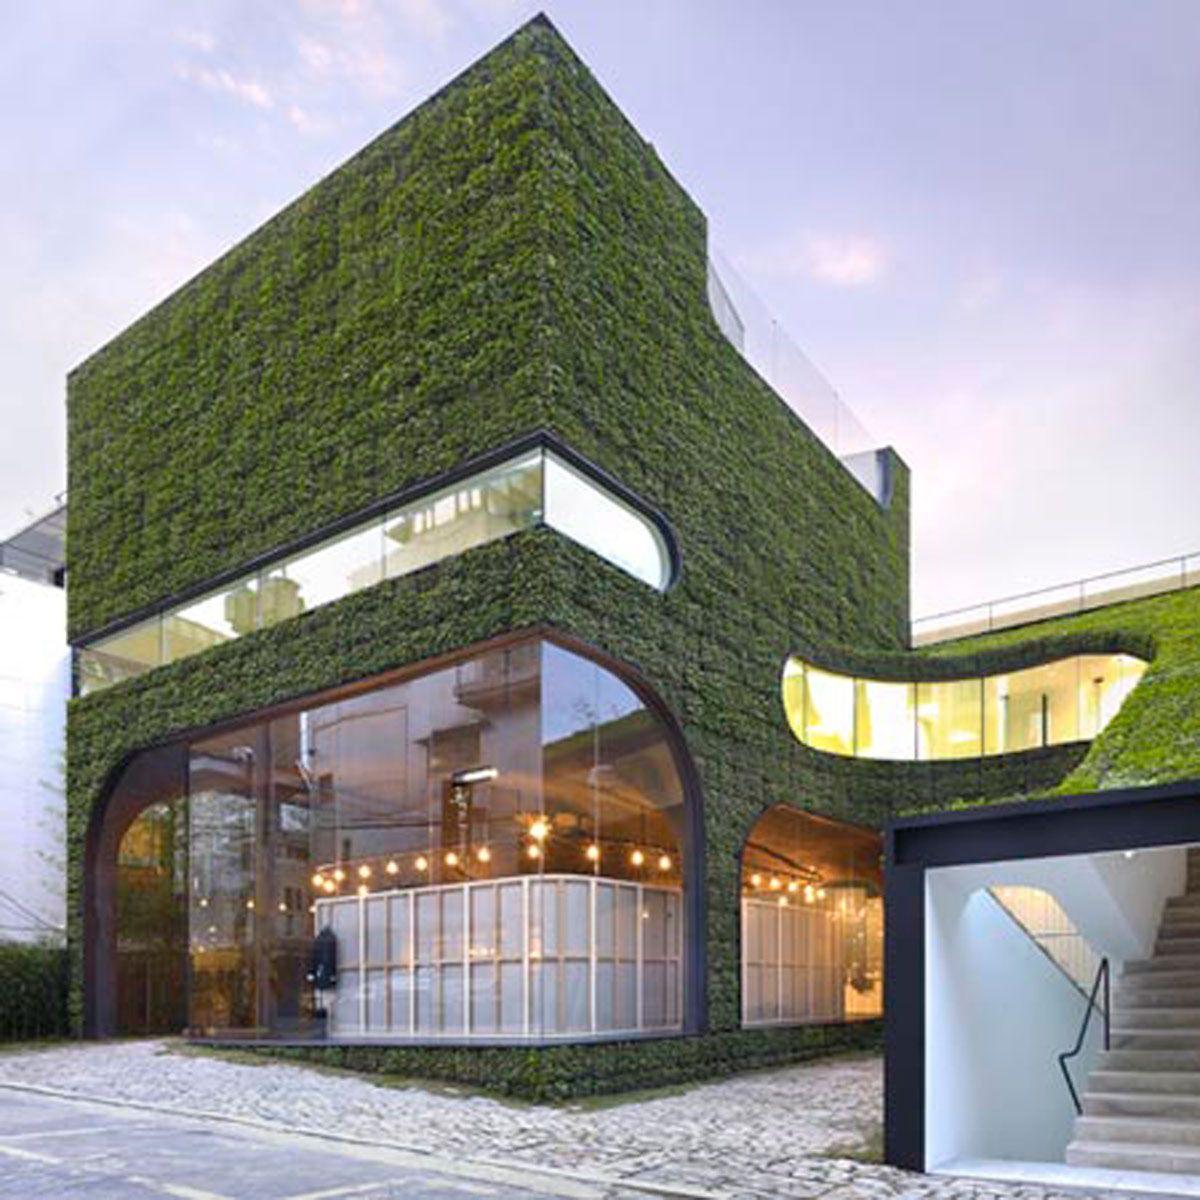 Los 11 jardines verticales m s espectaculares del mundo for Caracteristicas de los jardines verticales